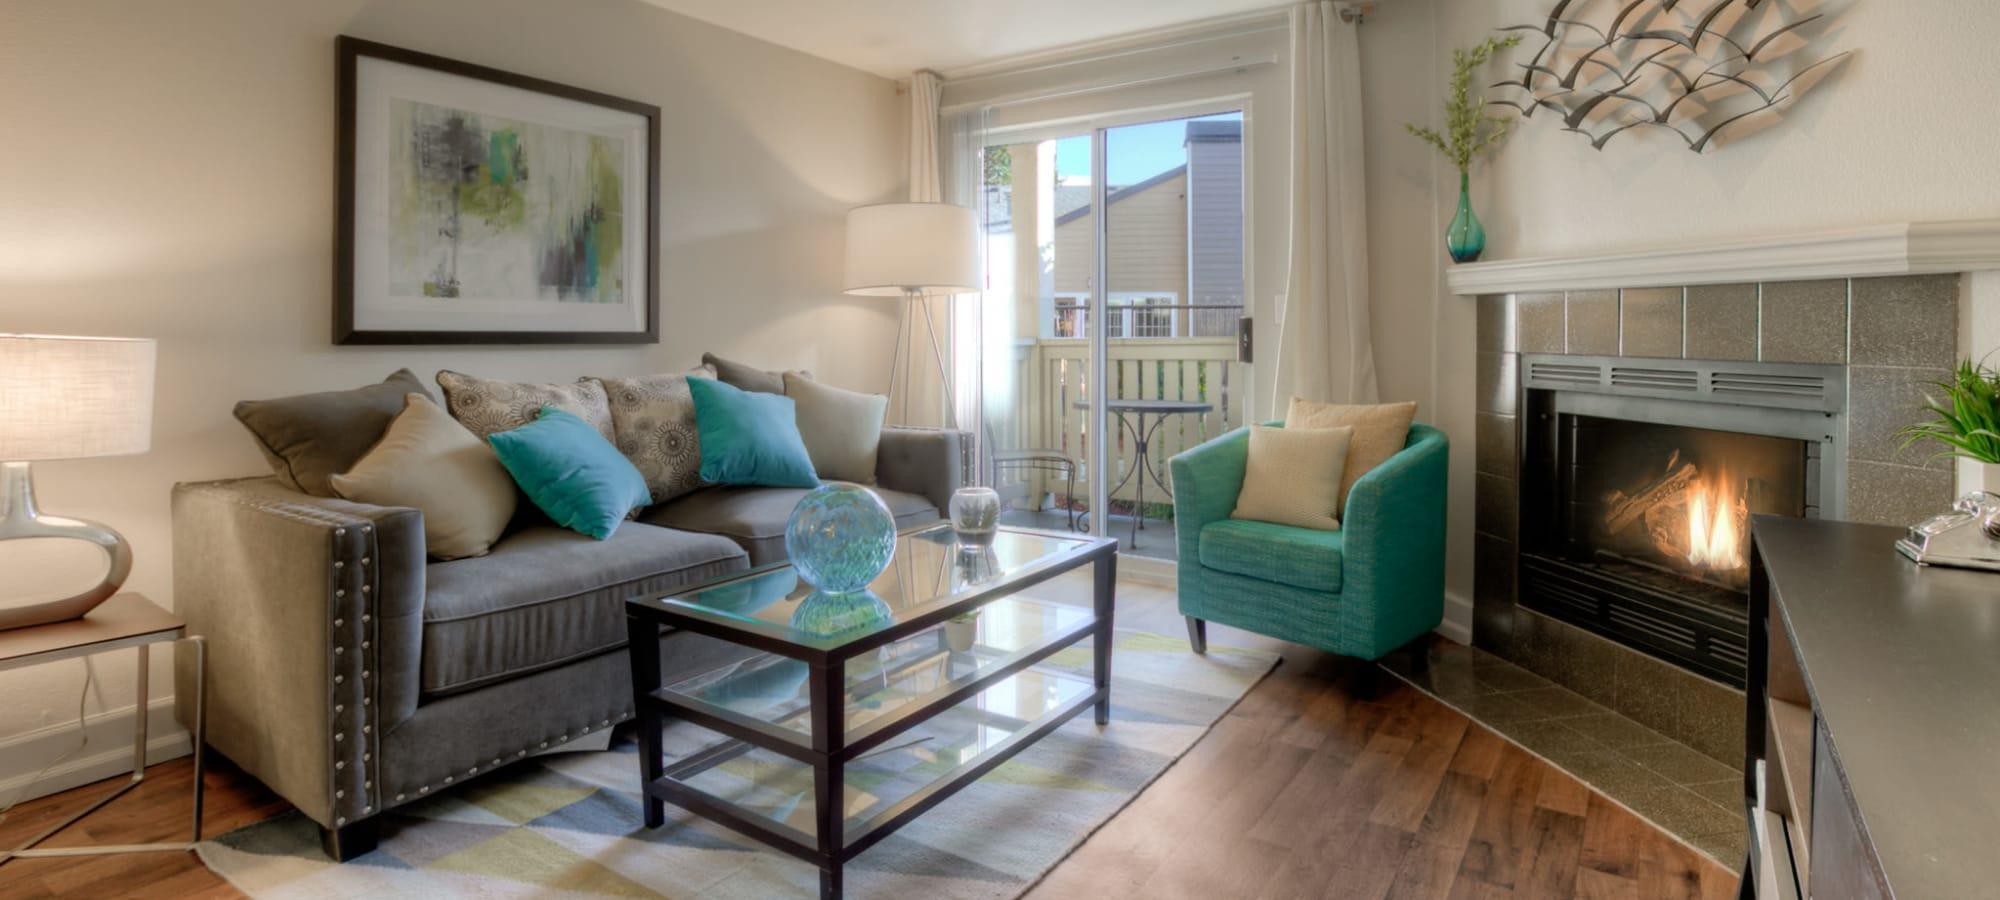 Newcastle, Washington apartments at Newport Crossing Apartments